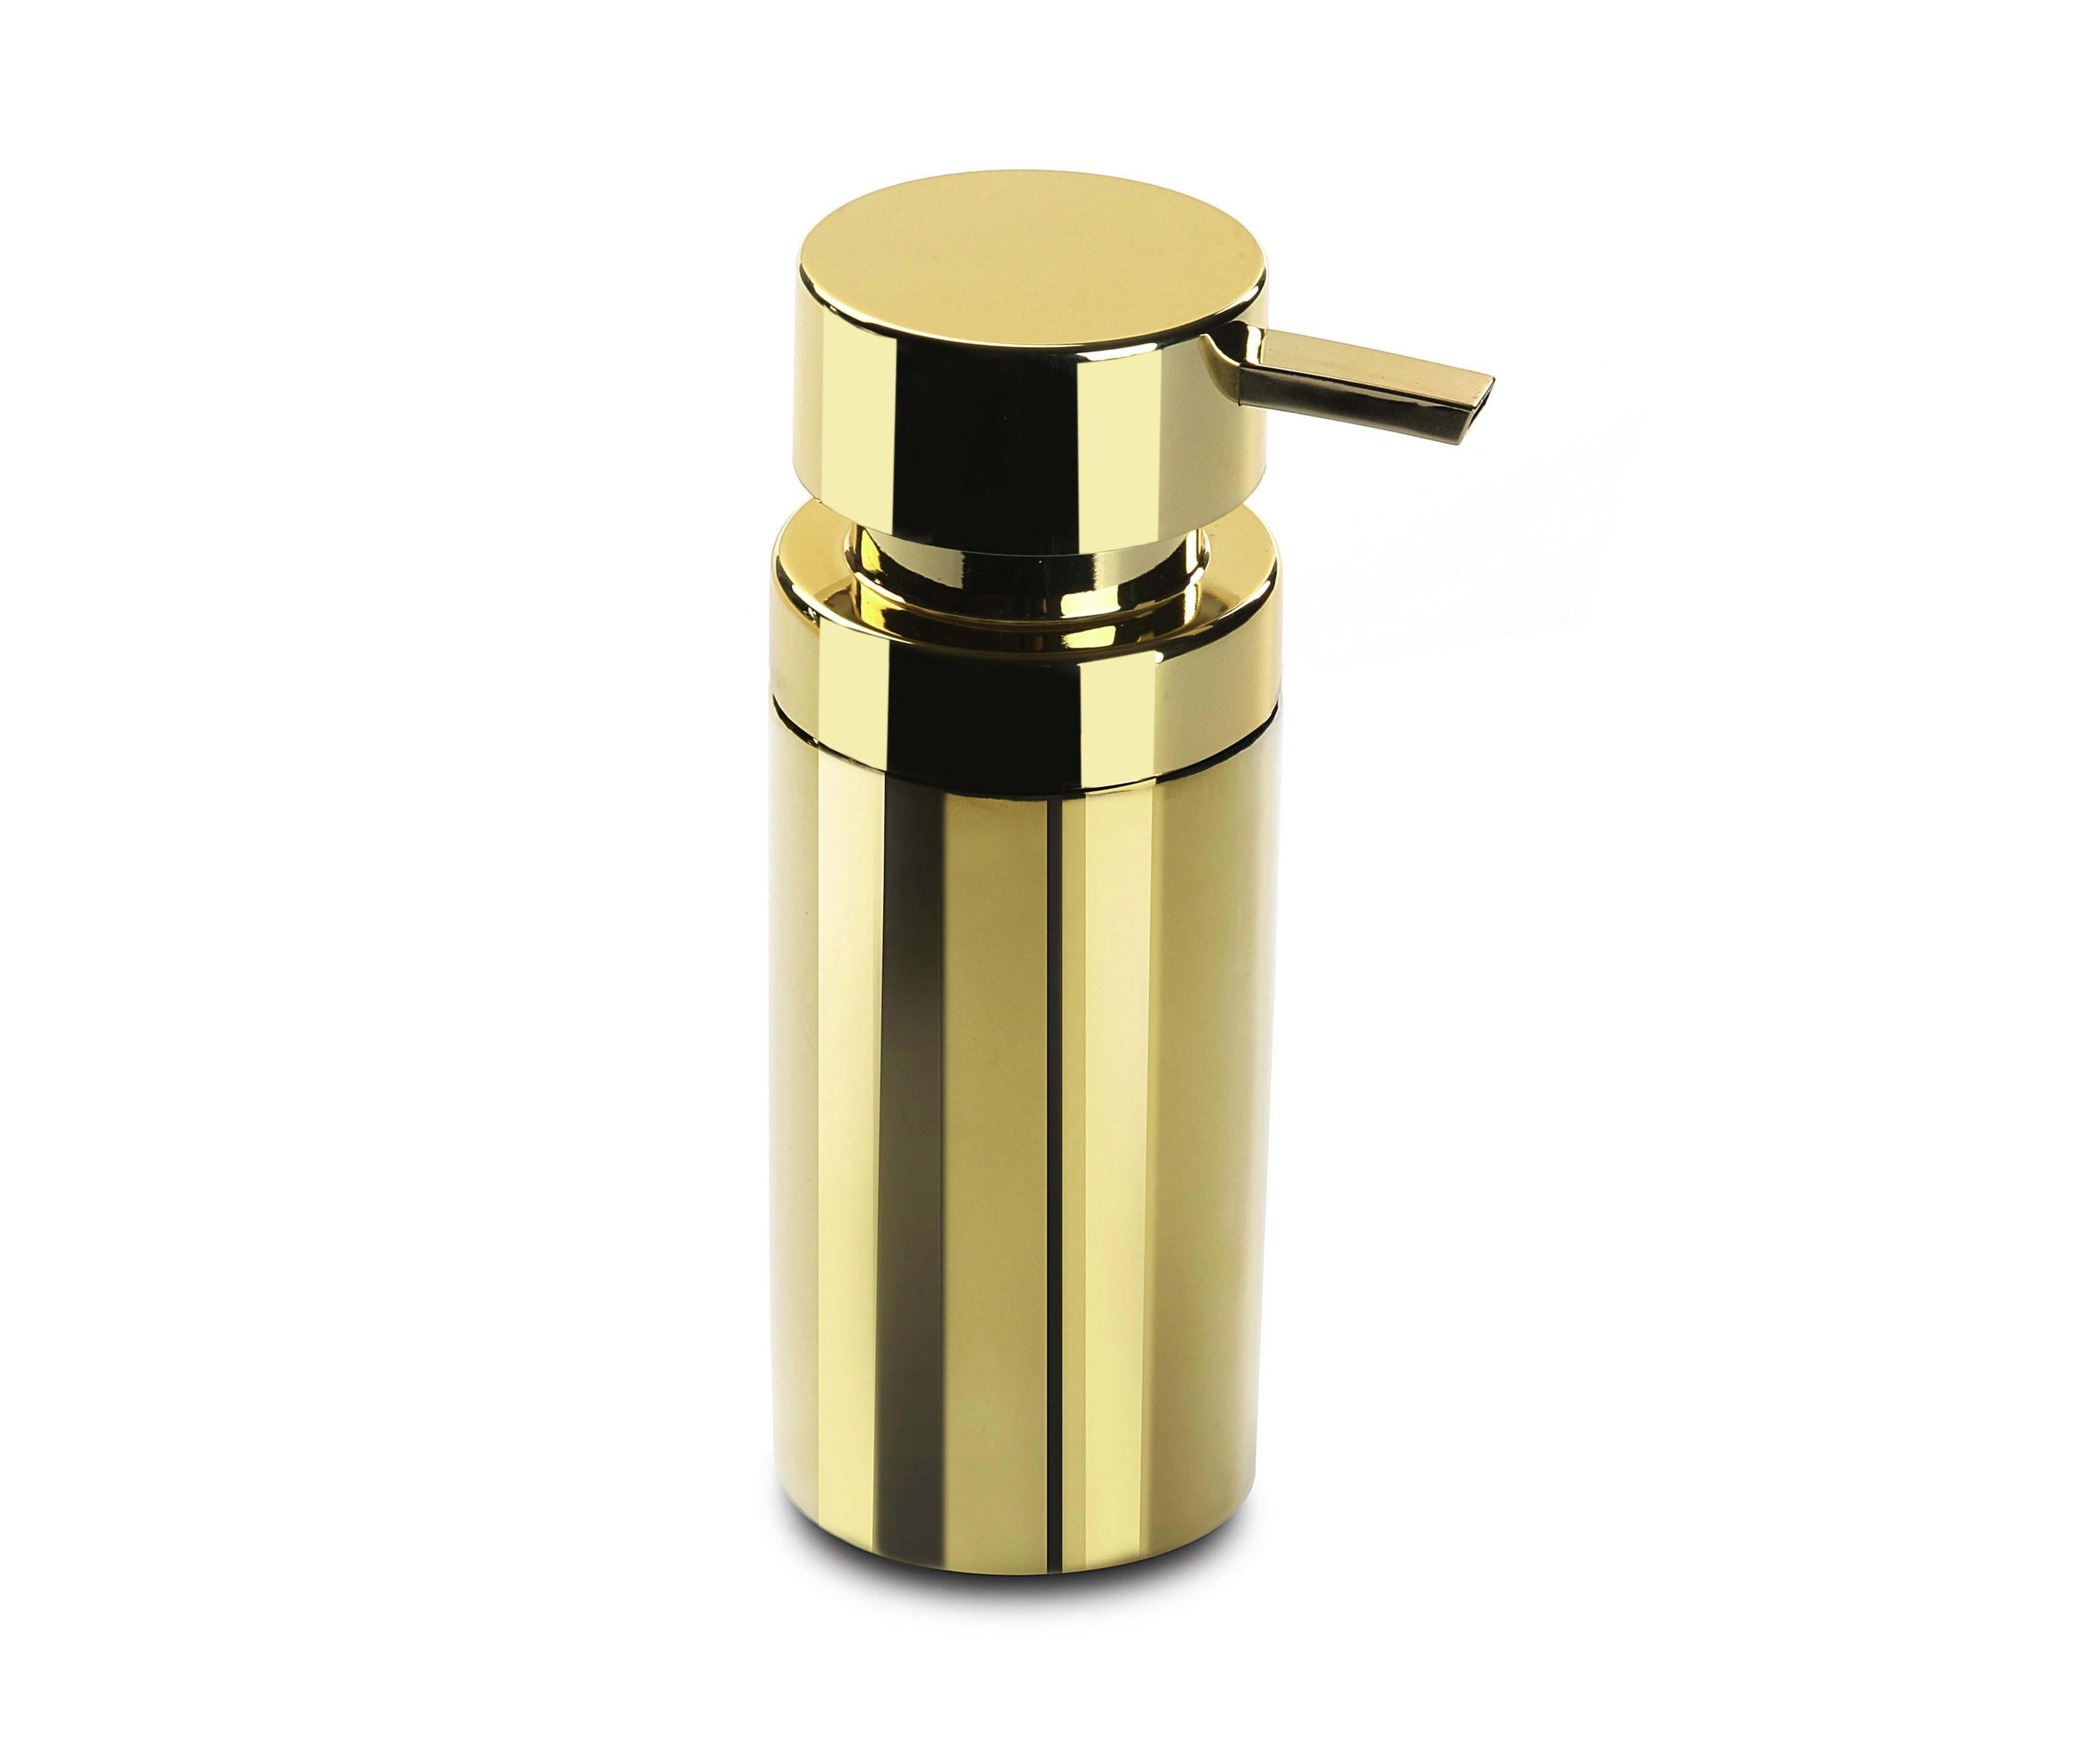 Дозатор для жидкого мыла RomaАксессуары для ванной<br><br><br>Material: Керамика<br>Высота см: 16.5